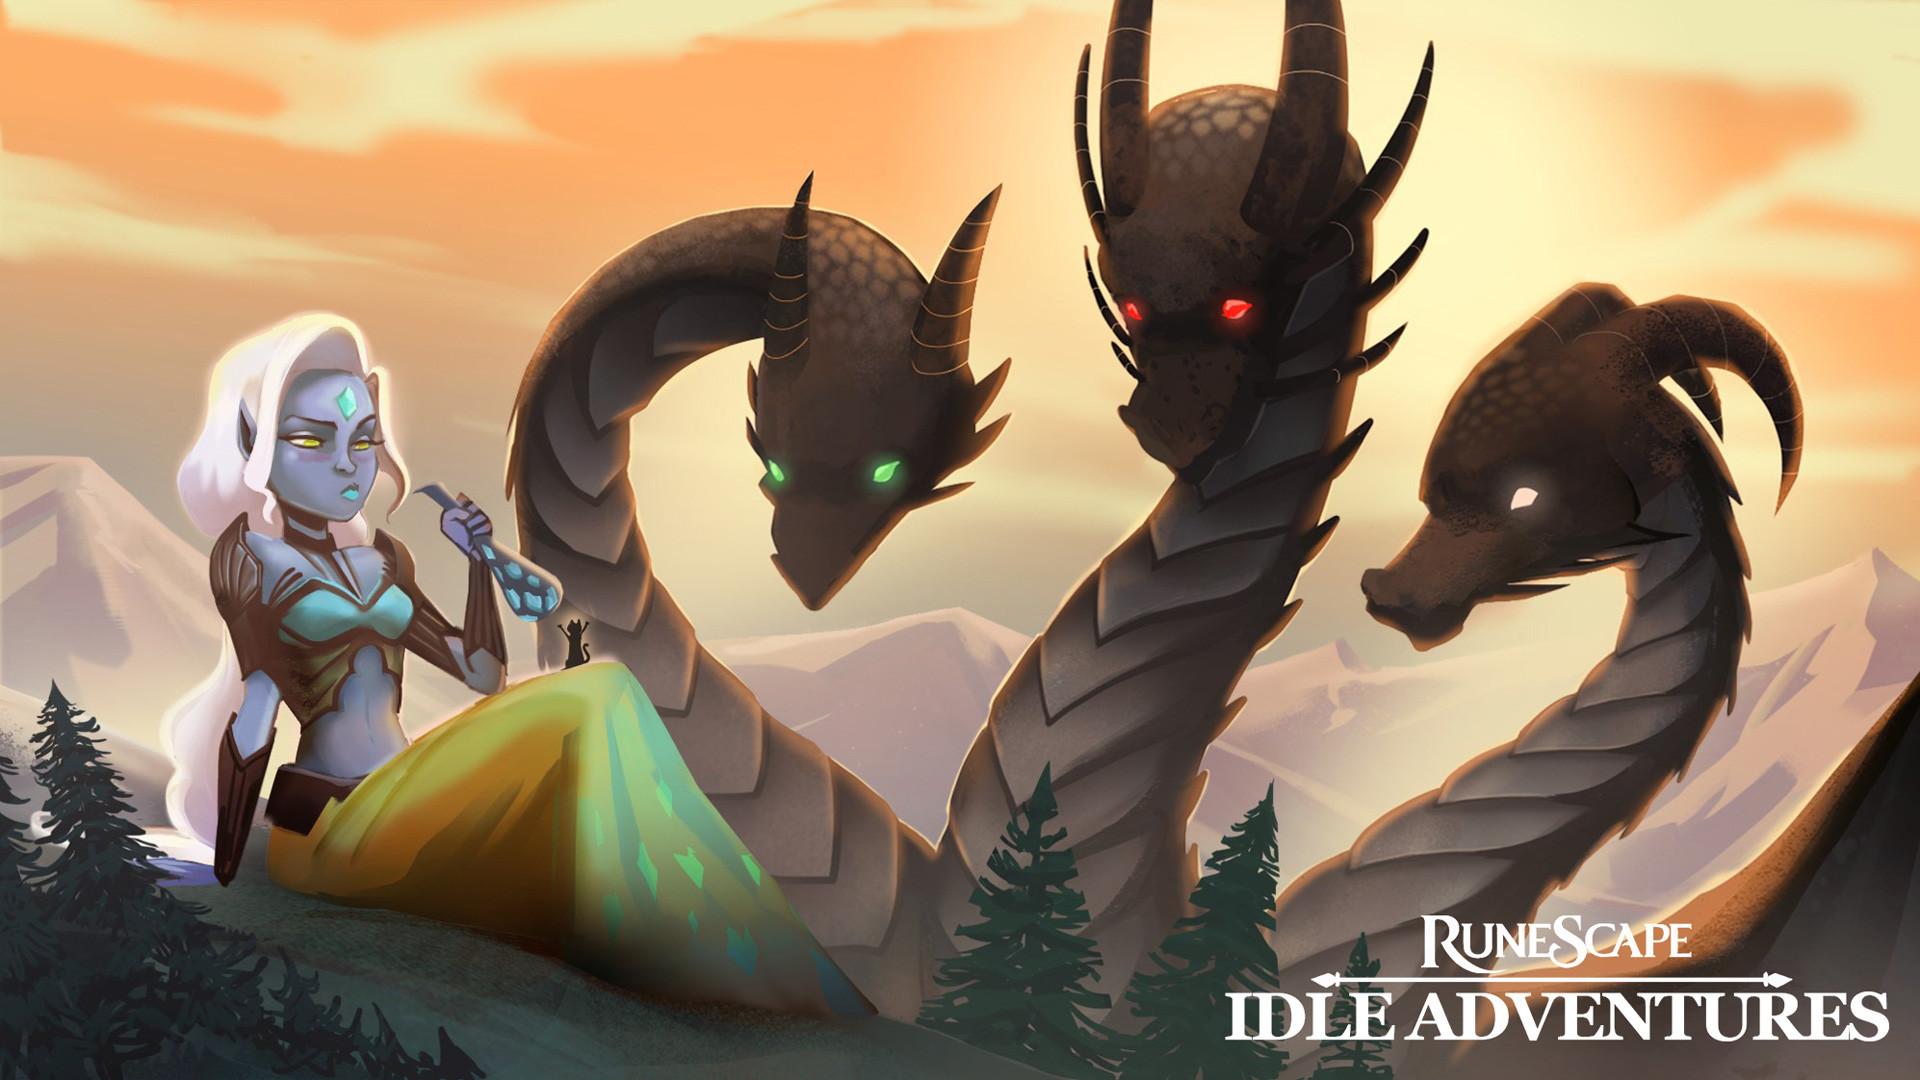 RuneScape: Idle Adventures Concept Art